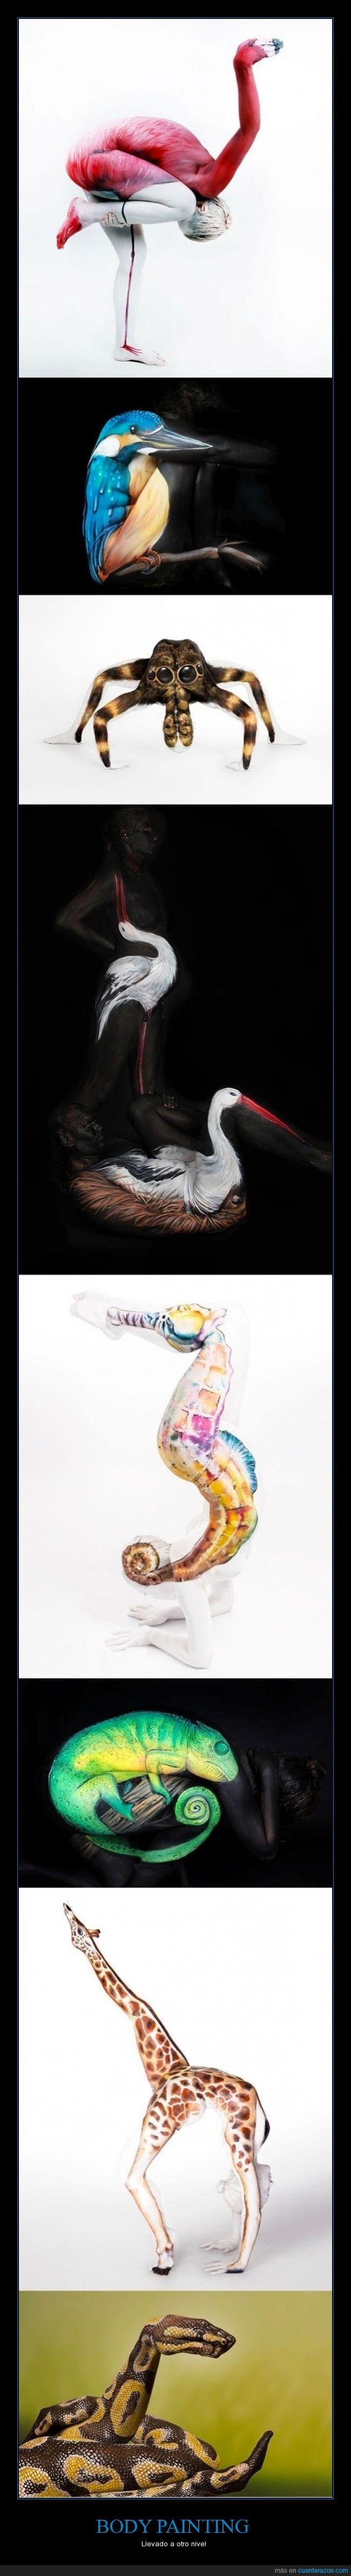 animal,arte,camaleon,colibri,hipocampo,jirafa,painting,pintado,pintar,pody,serpiente